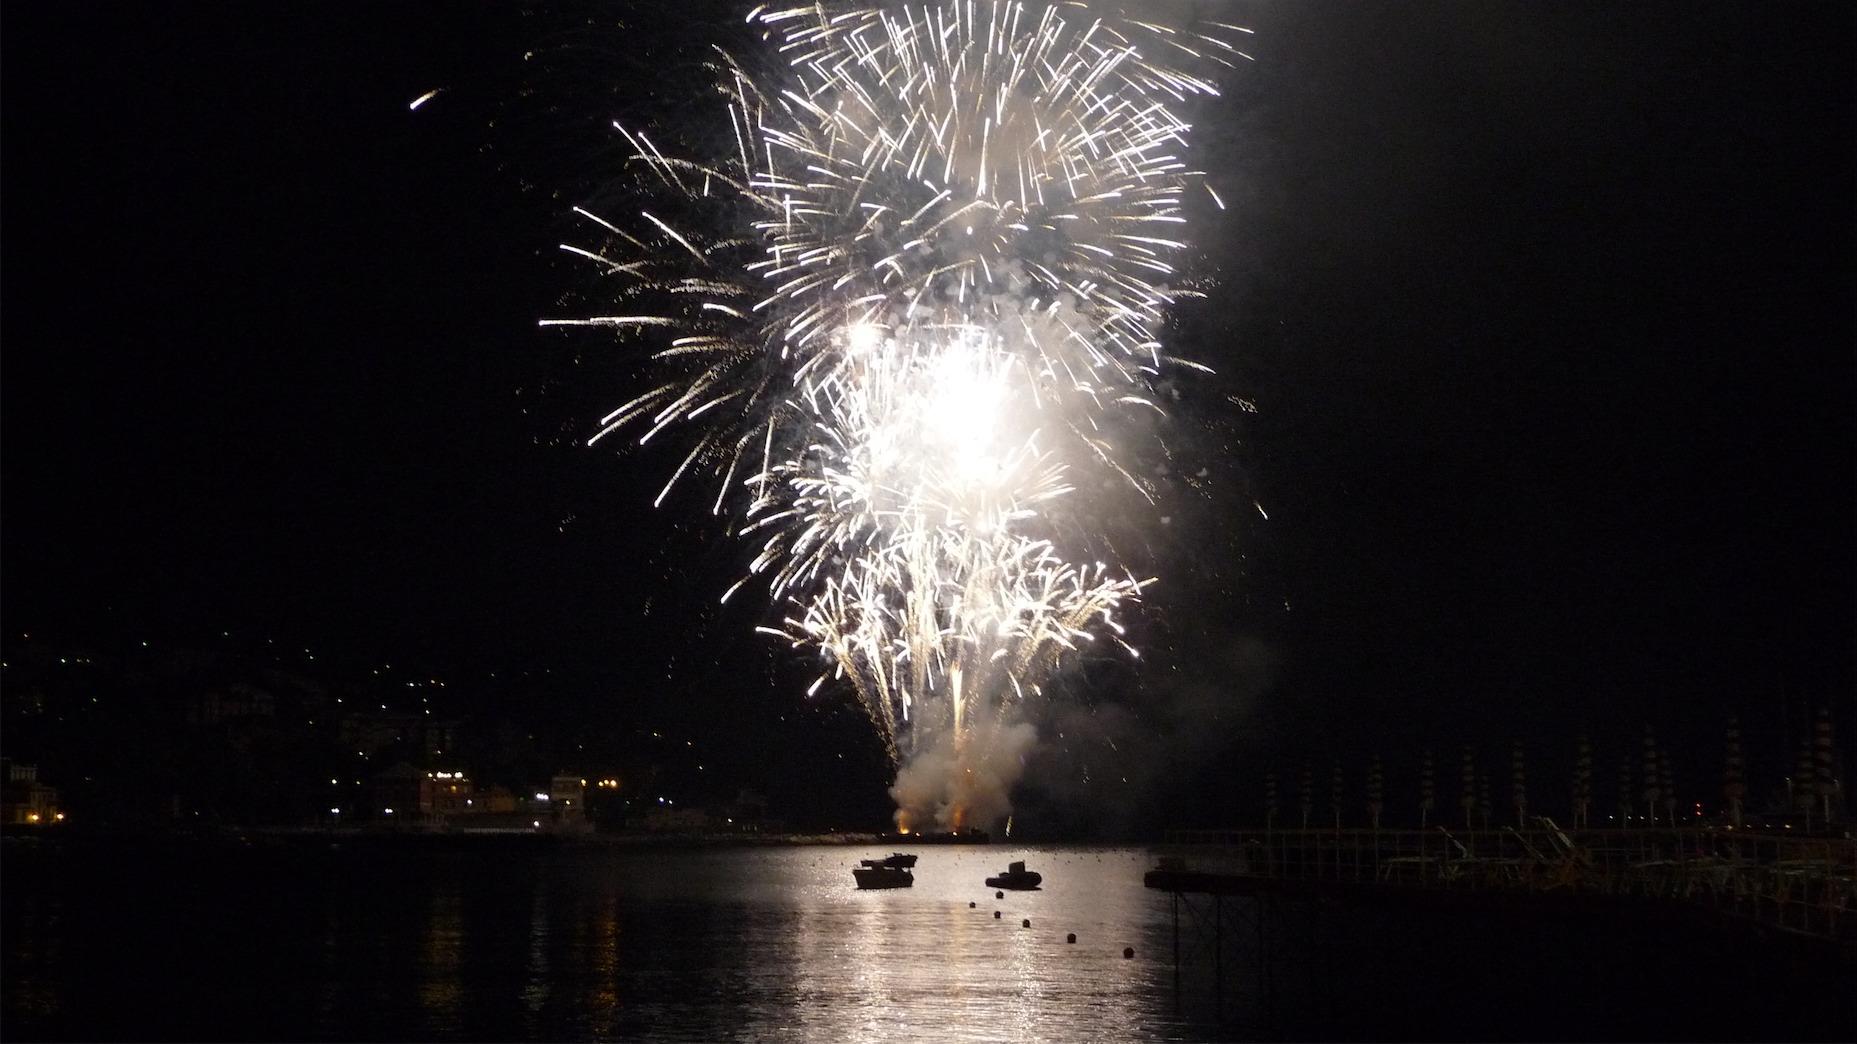 feste di luglio 1-2-3 Rapallo (Ge) - Pagina 4 P1110746